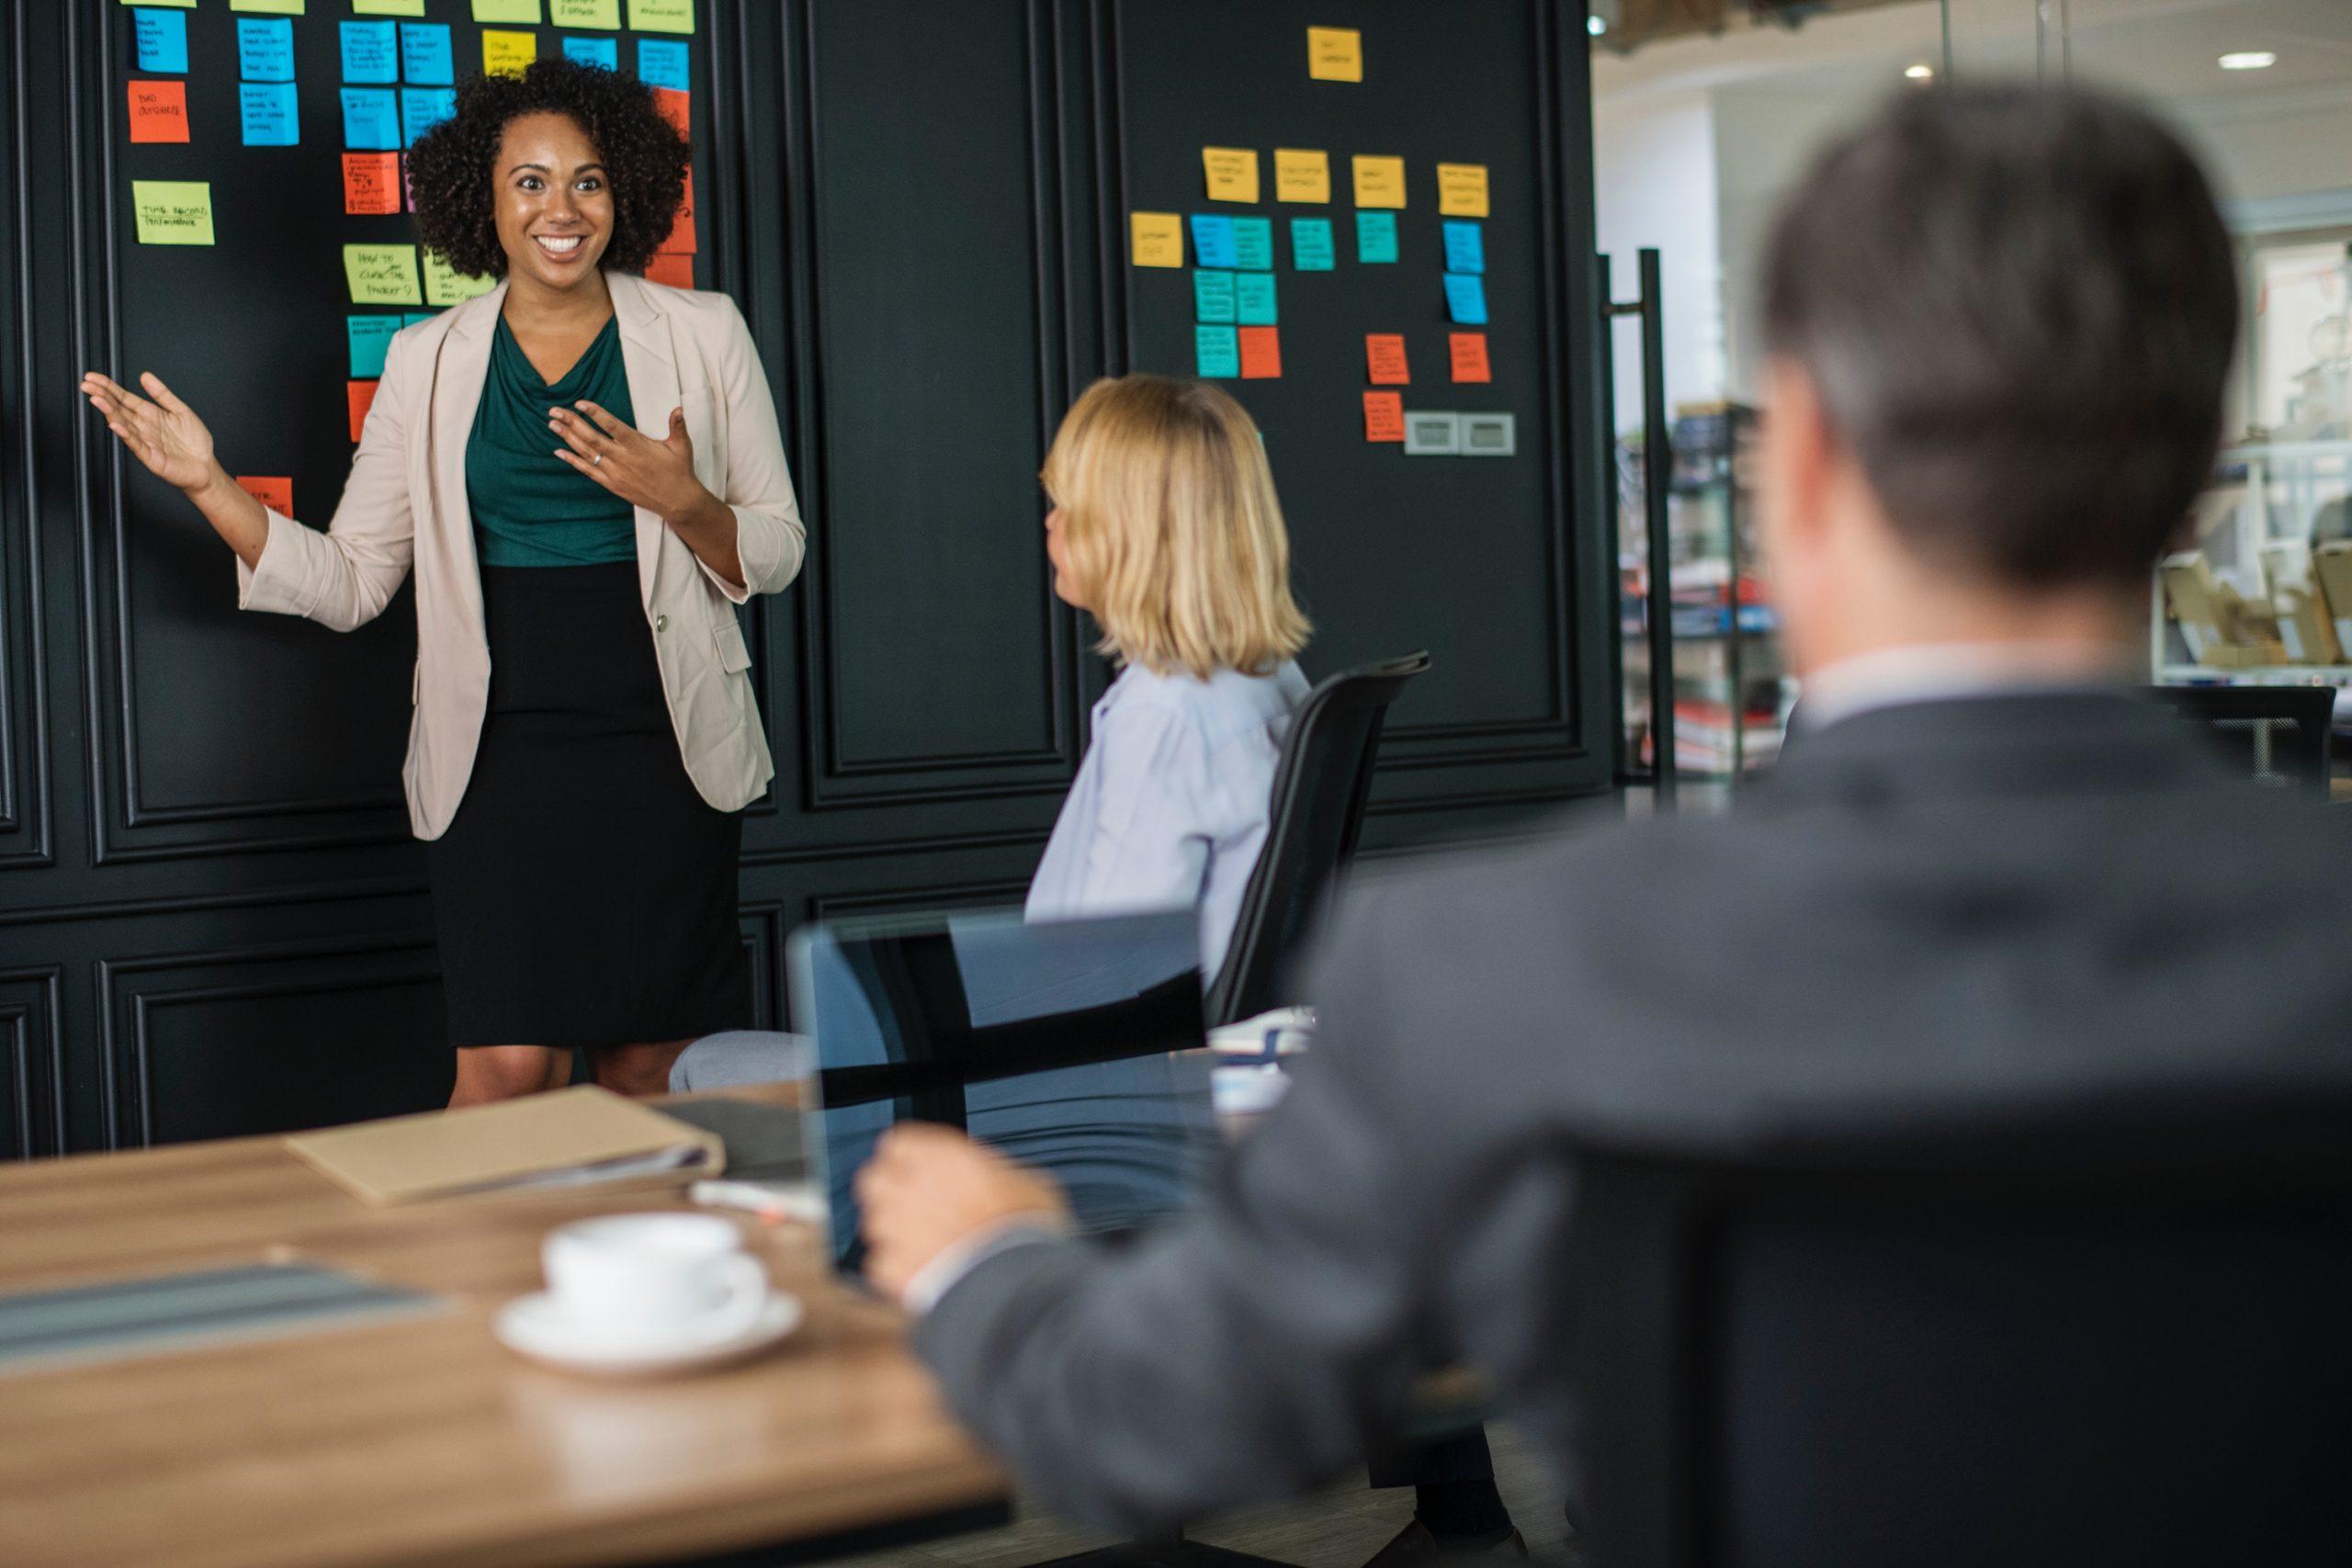 Las claves para trabajar en una oficina 'feliz'